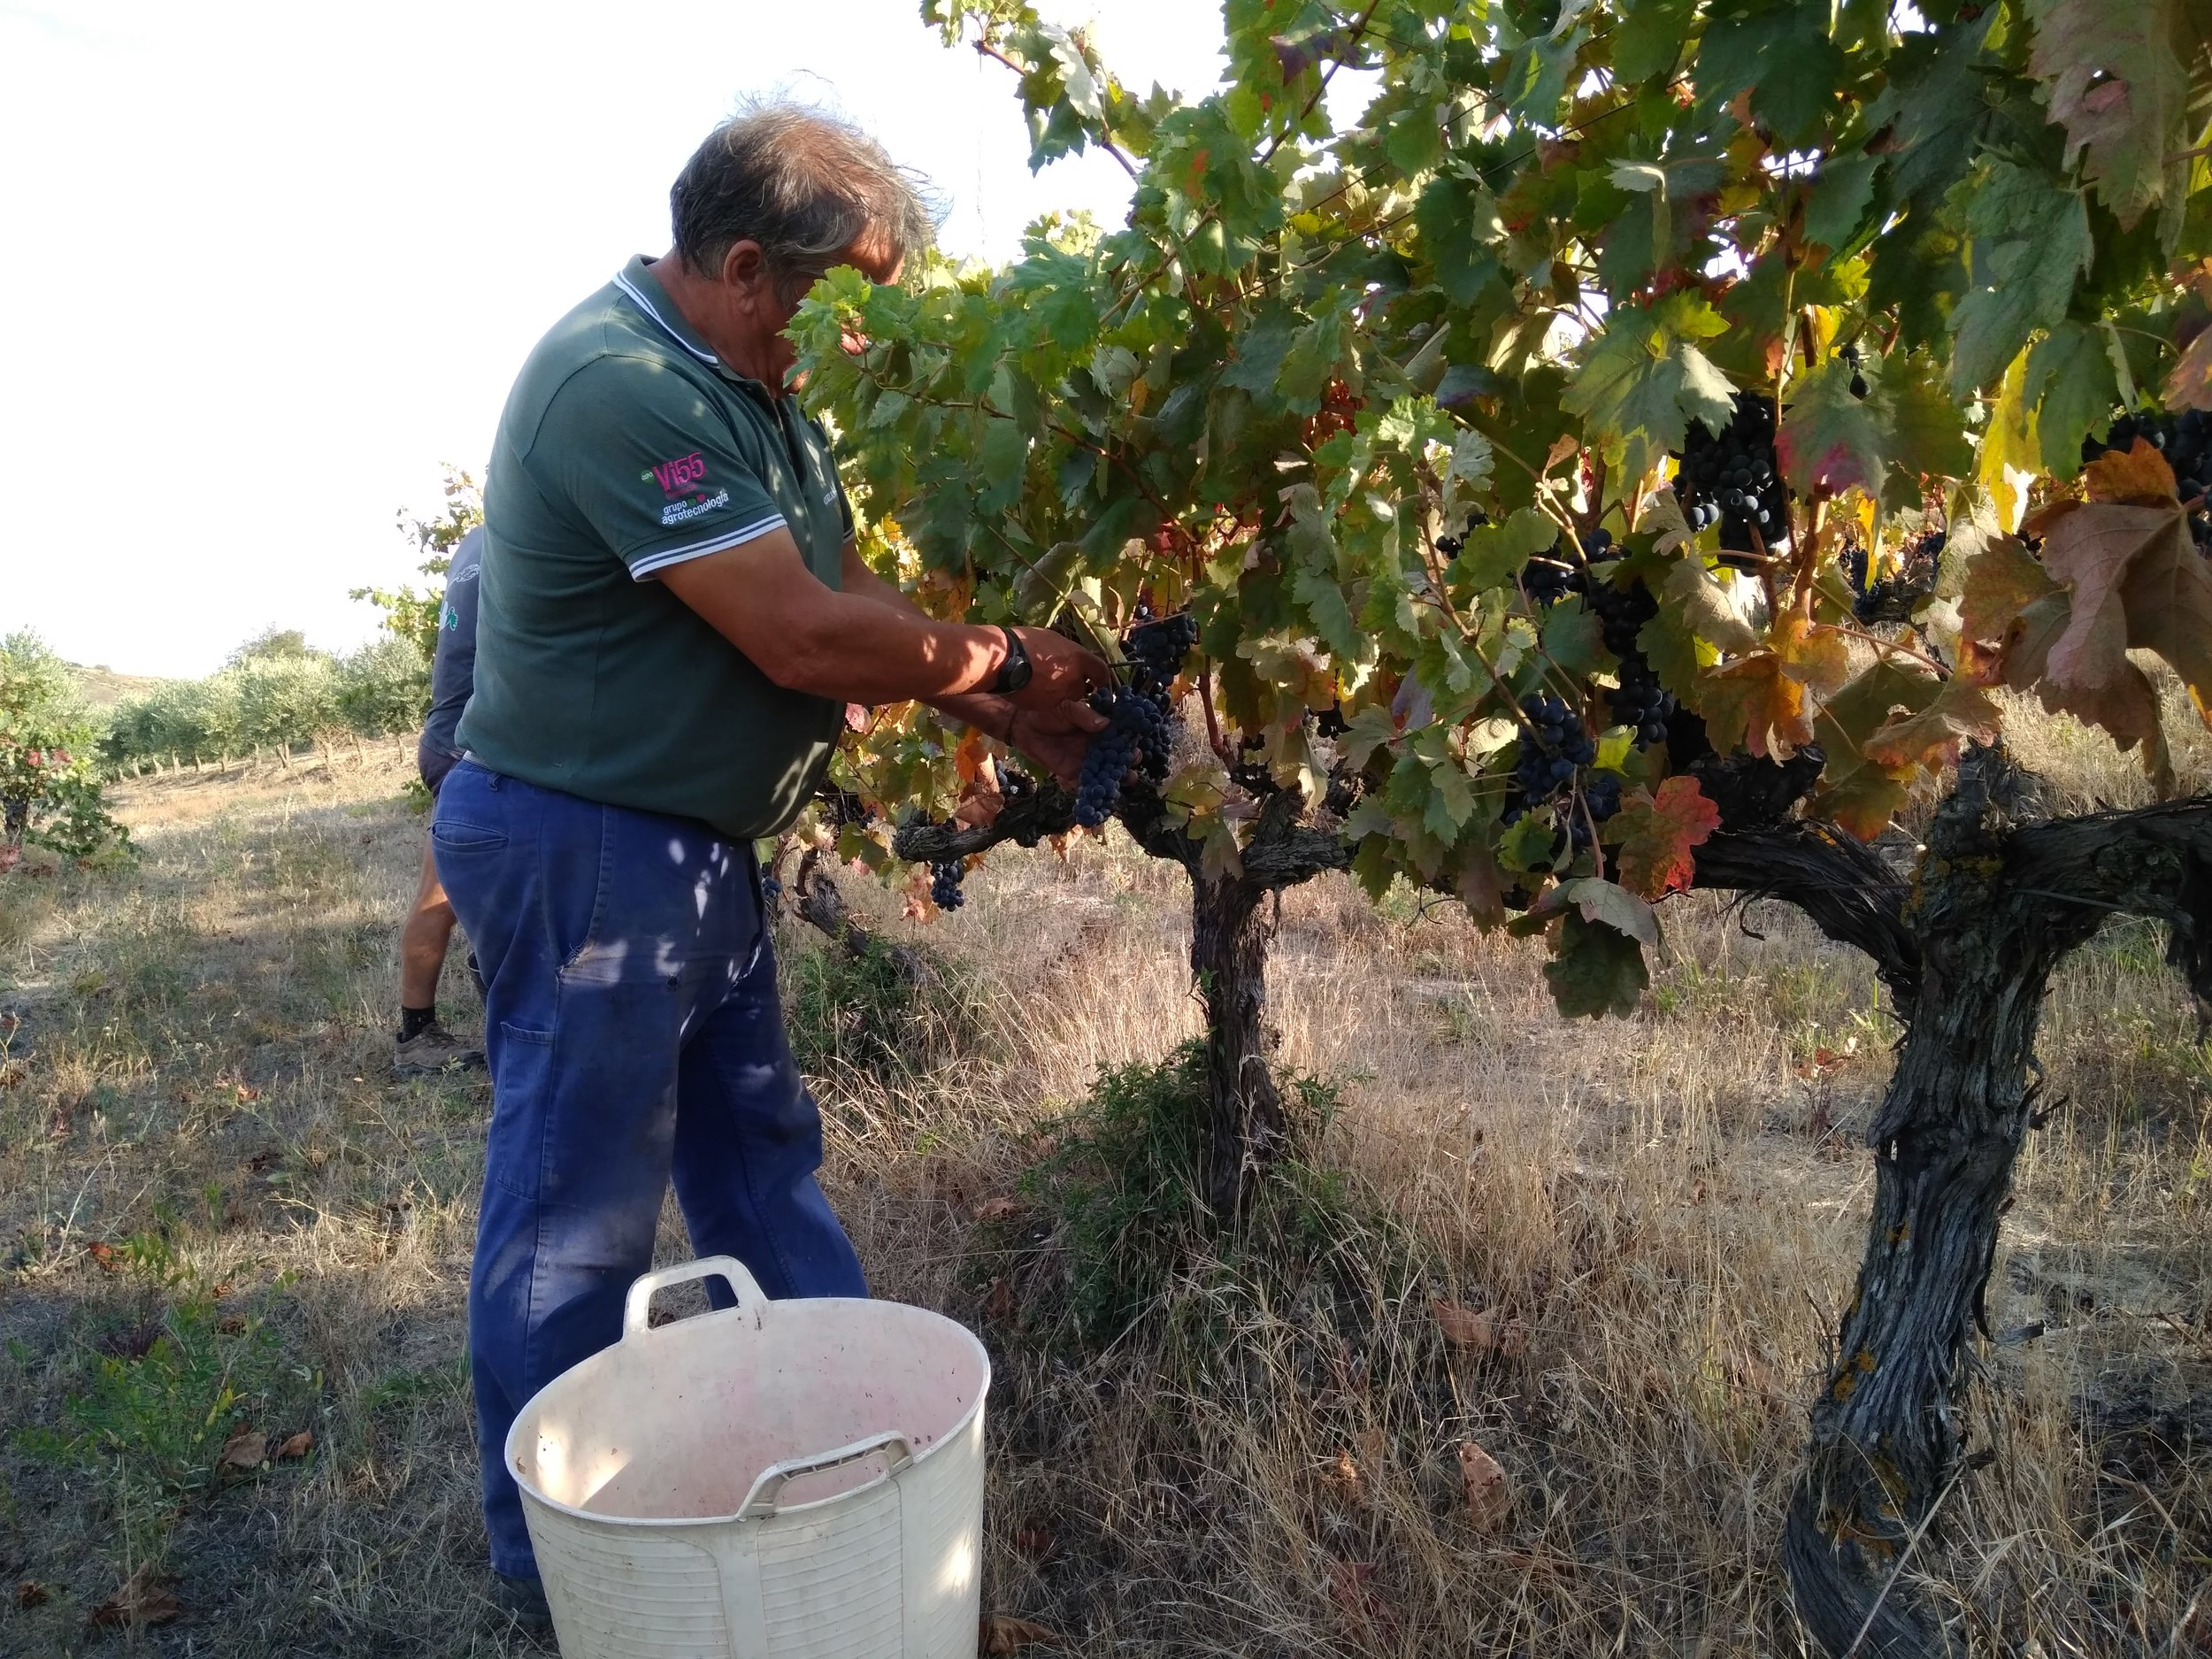 Biurko Picking grapes.jpg